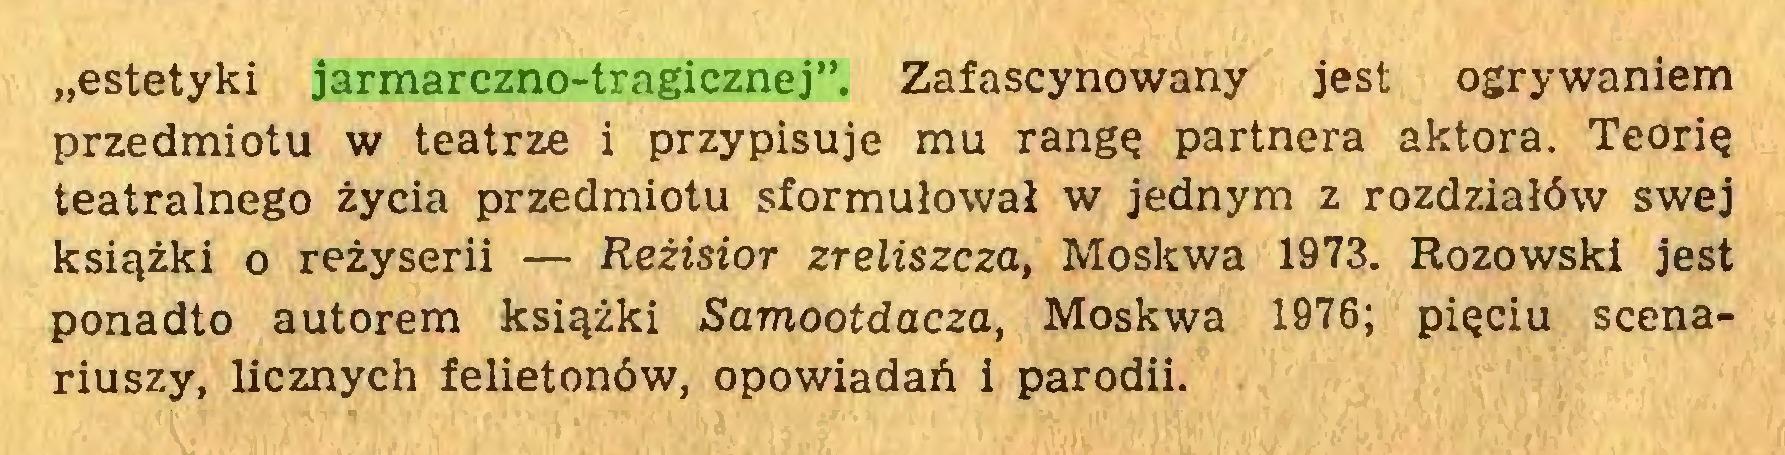 """(...) """"estetyki jarmarczno-tragicznej"""". Zafascynowany jest ogrywaniem przedmiotu w teatrze i przypisuje mu rangę partnera aktora. Teorię teatralnego życia przedmiotu sformułował w jednym z rozdziałów swej książki o reżyserii — Reżisior zreliszcza, Moskwa 1973. Rozowski jest ponadto autorem książki Samootdacza, Moskwa 1976; pięciu scenariuszy, licznych felietonów, opowiadań i parodii..."""